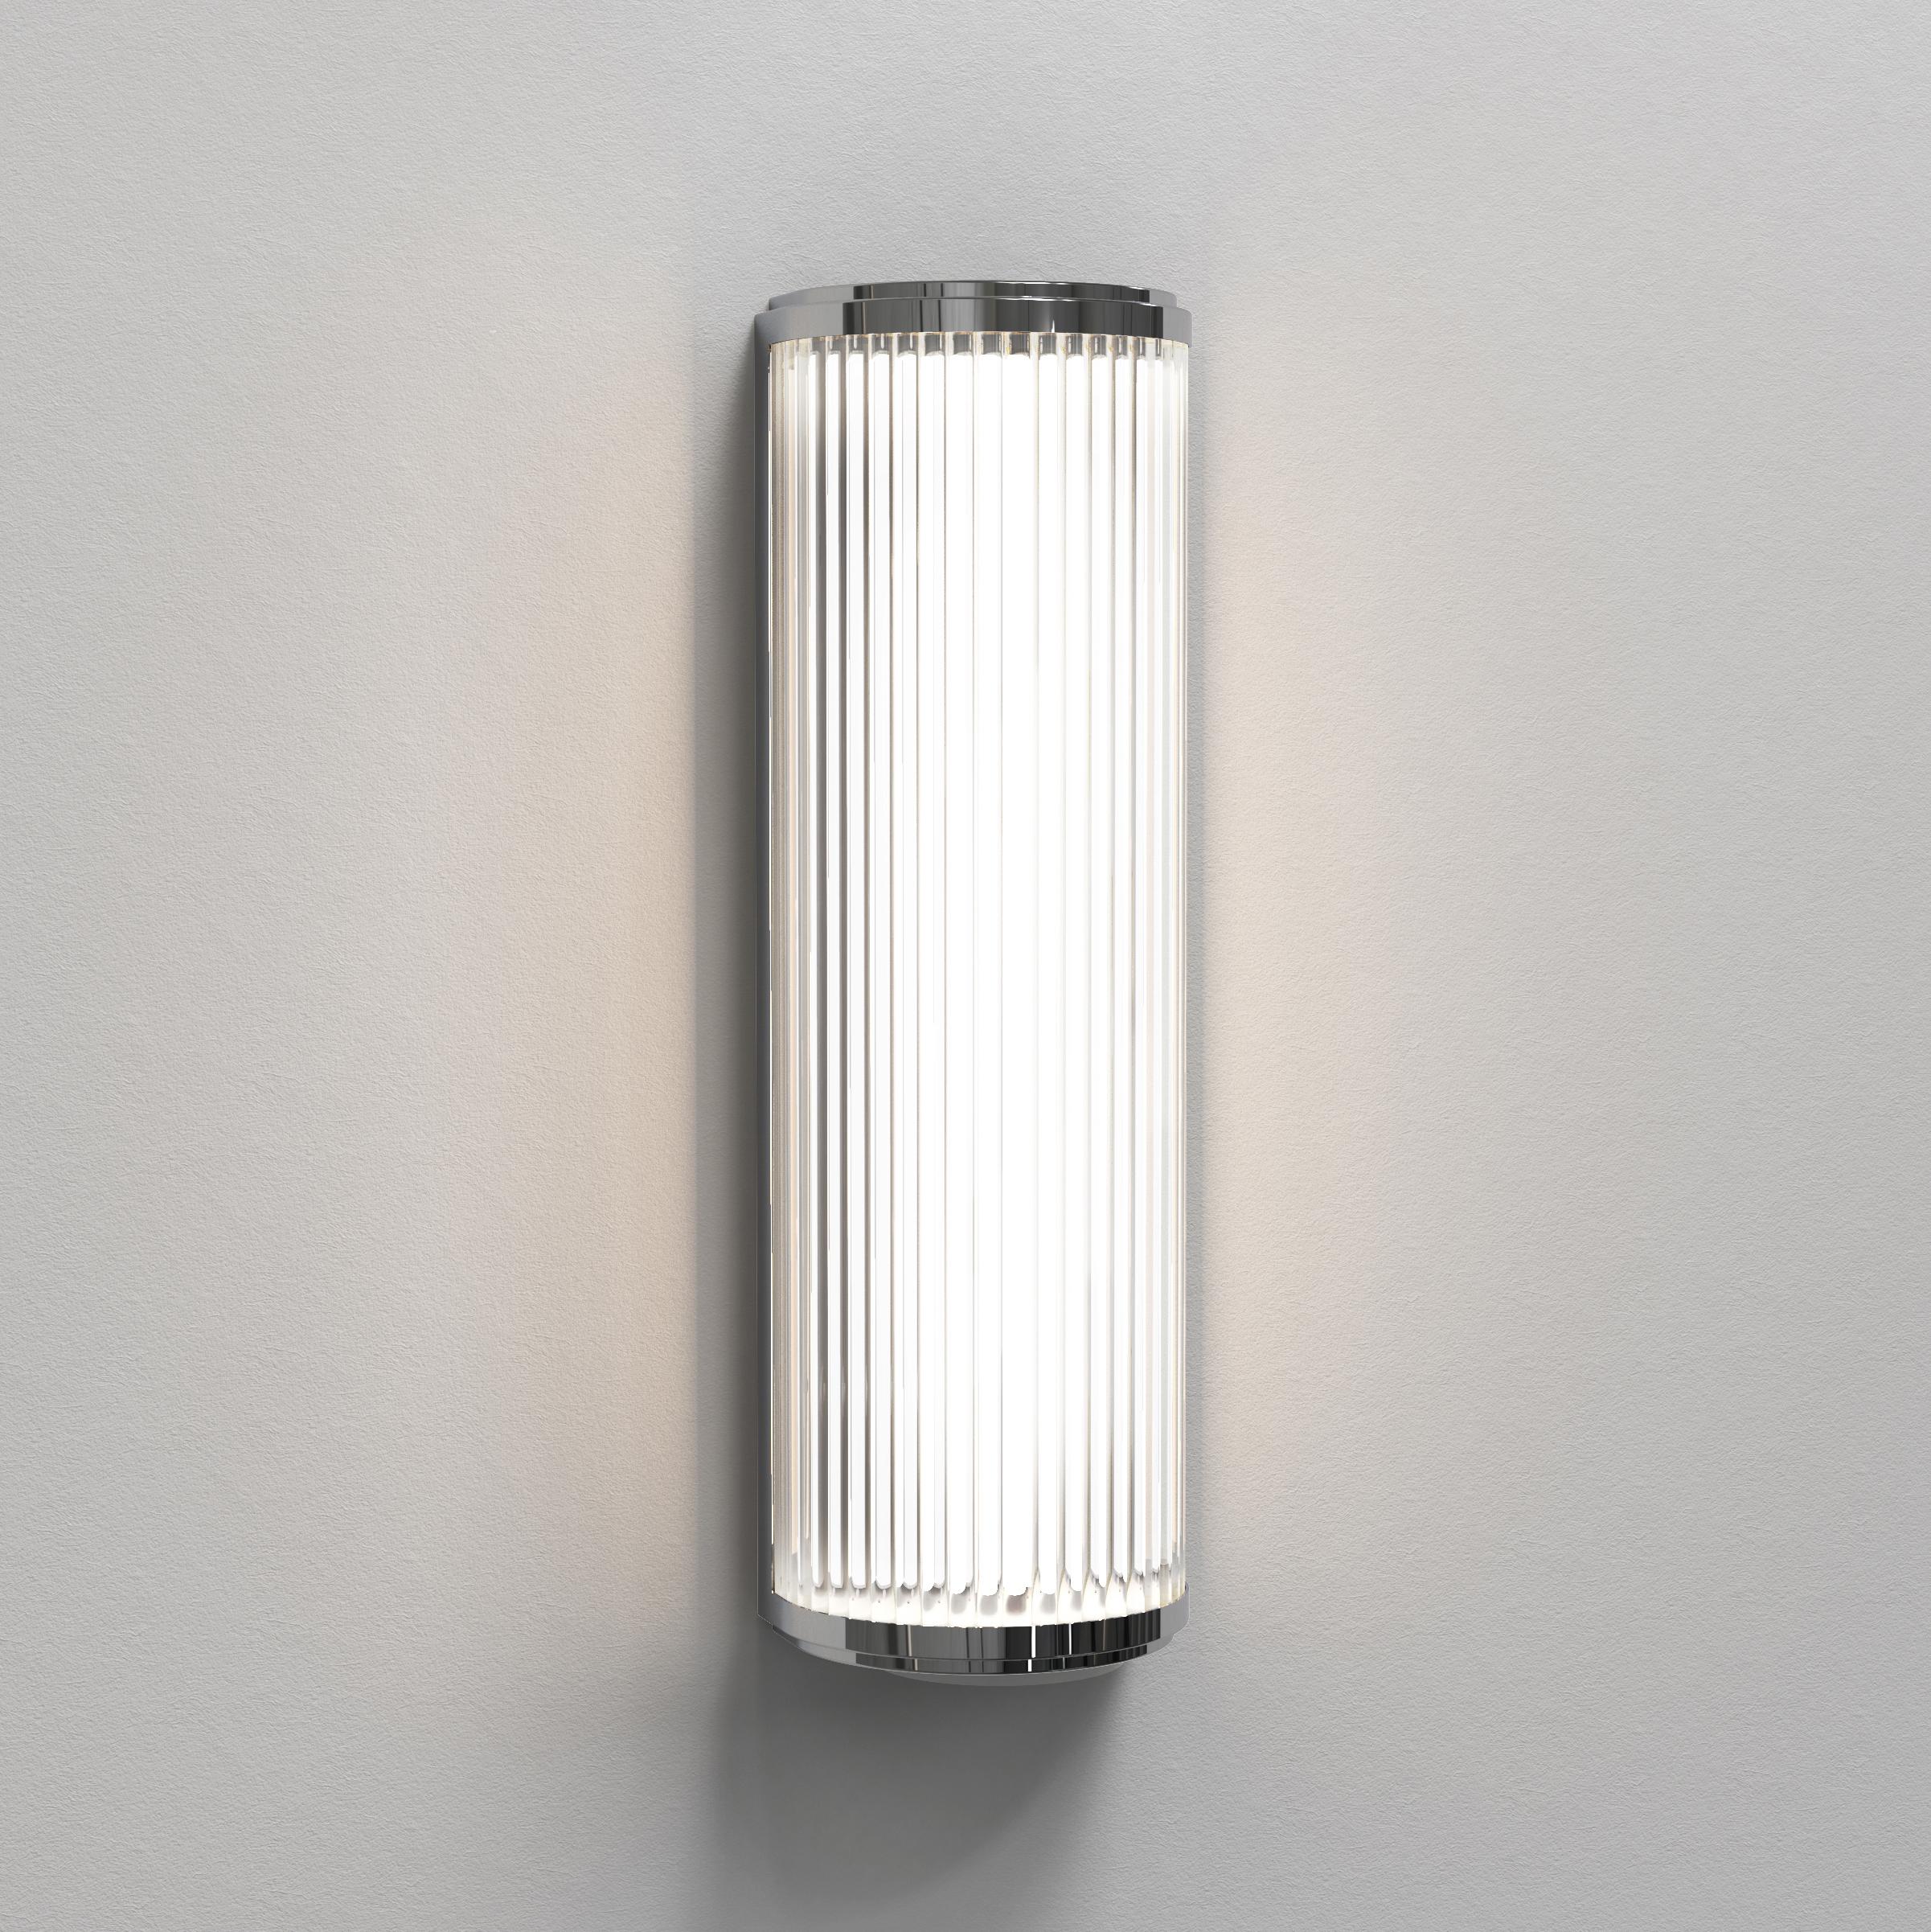 Настенный светодиодный светильник Astro Versailles 1380002 (7838), IP44, LED 7,3W 3000K 739.78lm CRI80, хром, стекло - фото 1